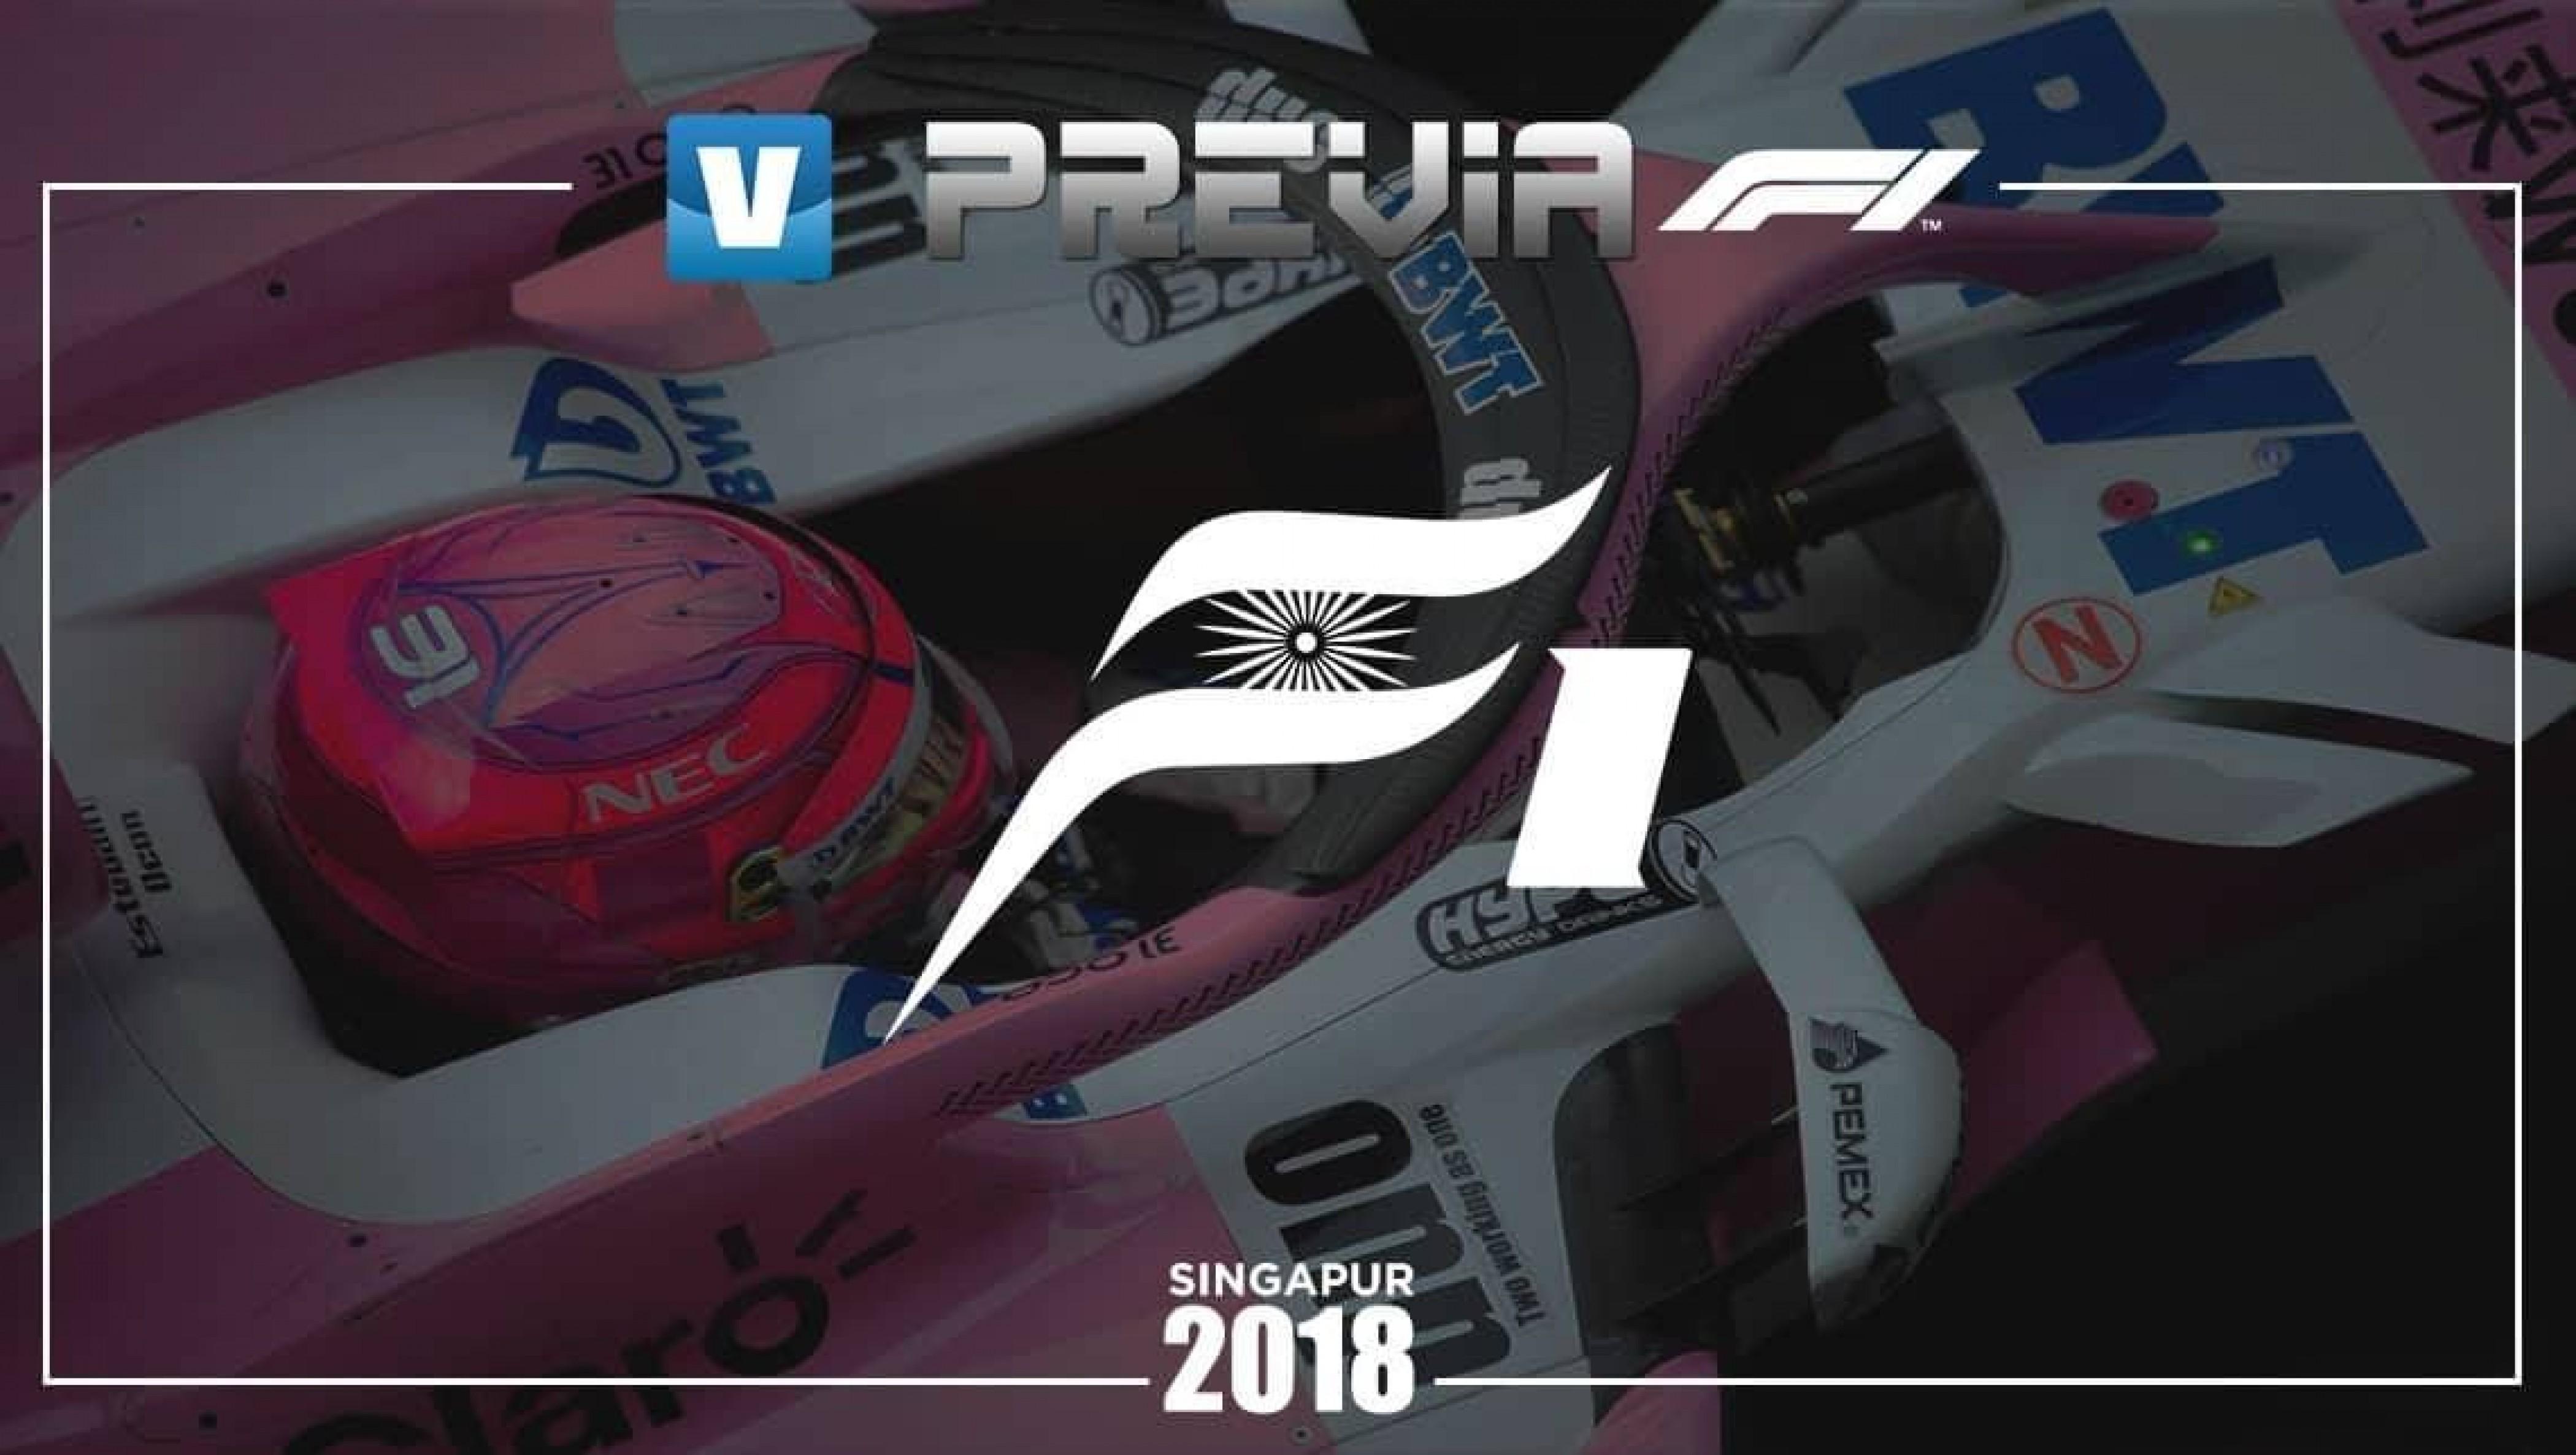 Previa de Force India en el GP de Singapur 2018: seguir construyendo